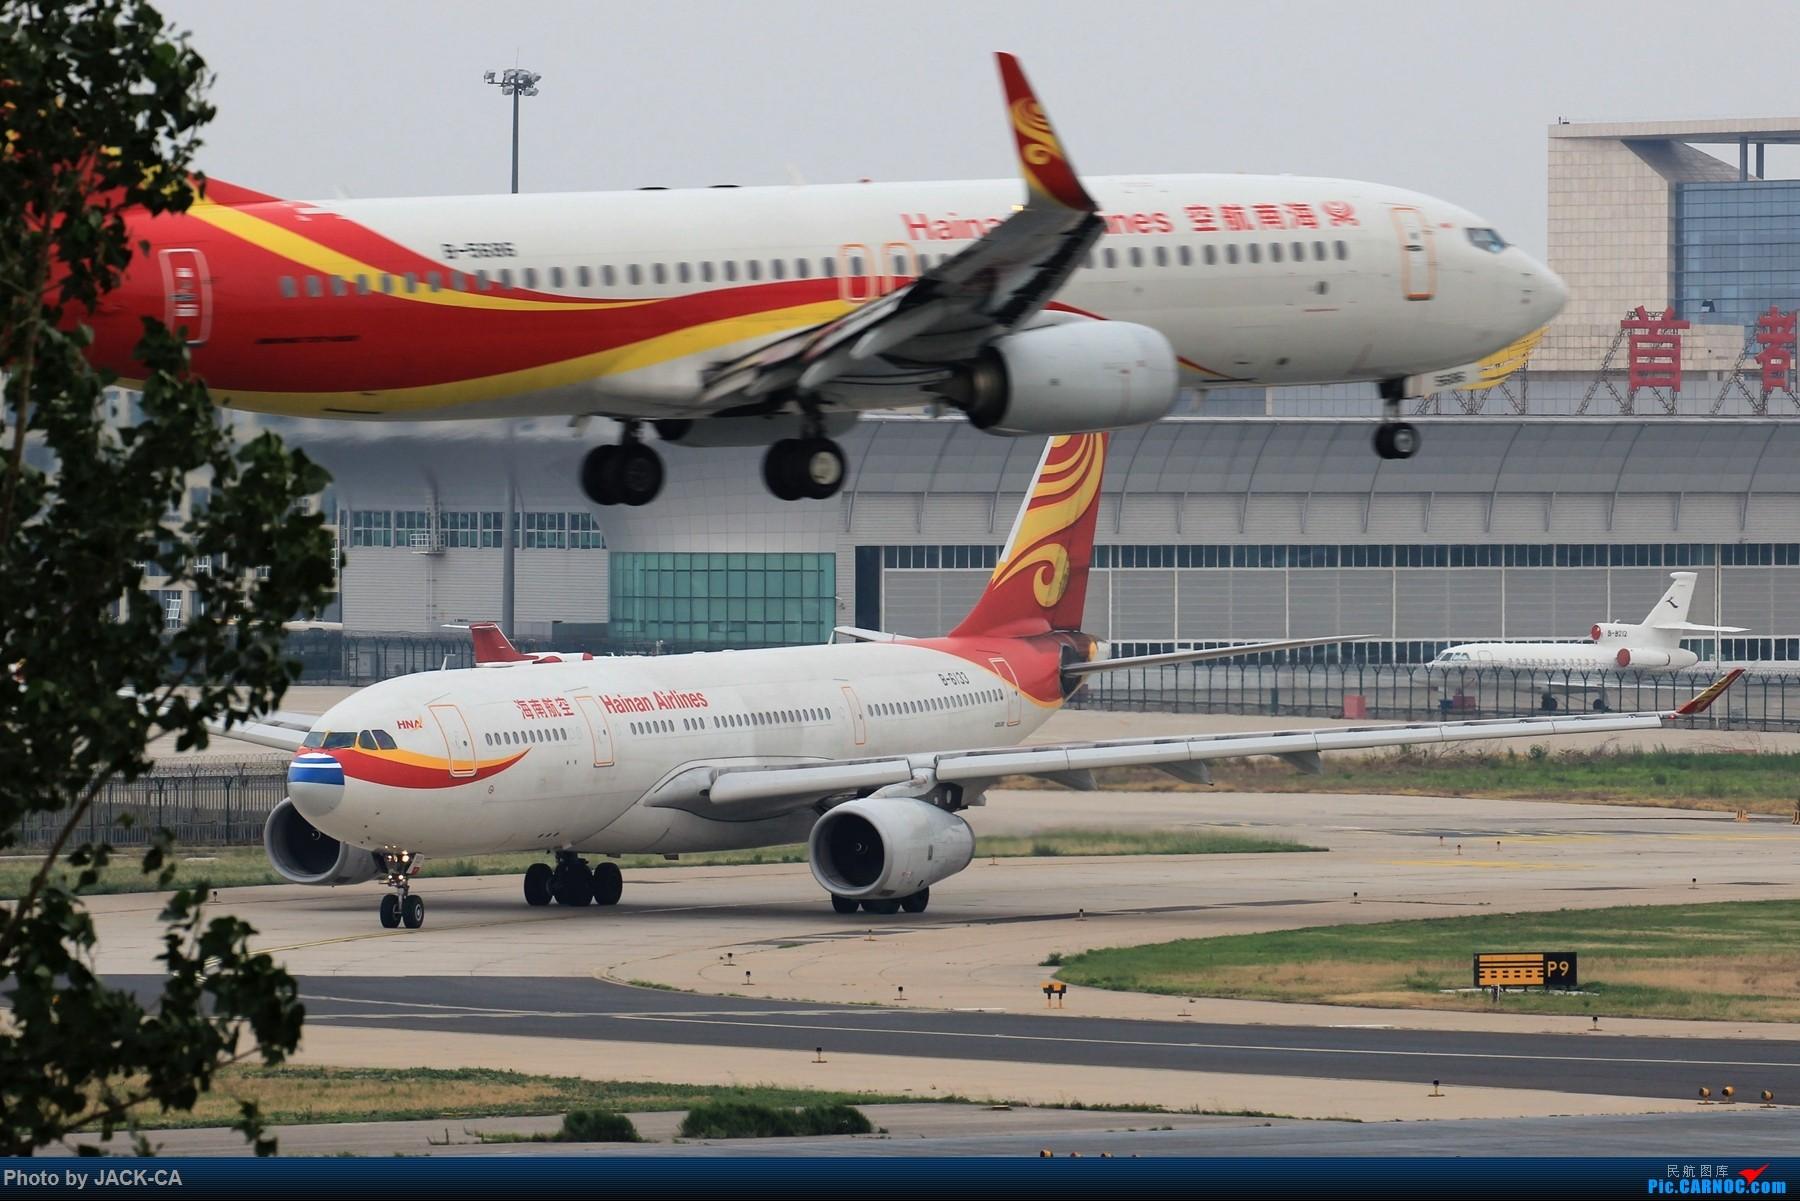 Re:[原创]【飞机1返1】厦航天合+闪灯四大航 ps。。。 AIRBUS A330-200 B-6133 中国北京首都国际机场